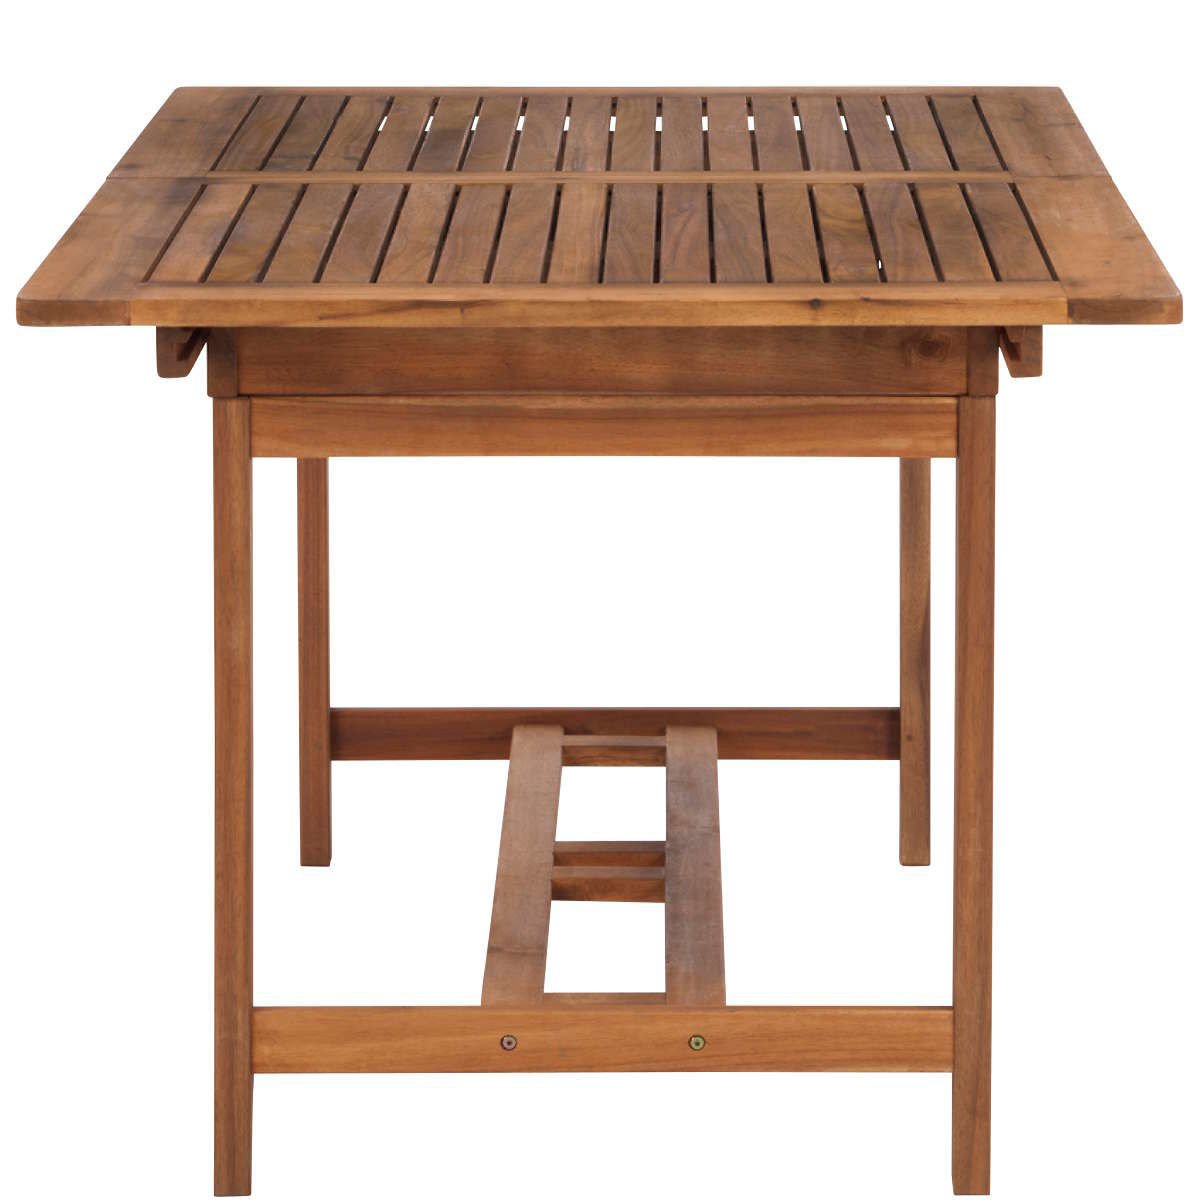 Balkon und Terrasse BUTLERS Somerset ausziehbarer Gartentisch mit Schirm/öffnung 150-190x90x75 cm Holztisch aus FSC-Akazienholz f/ür Garten